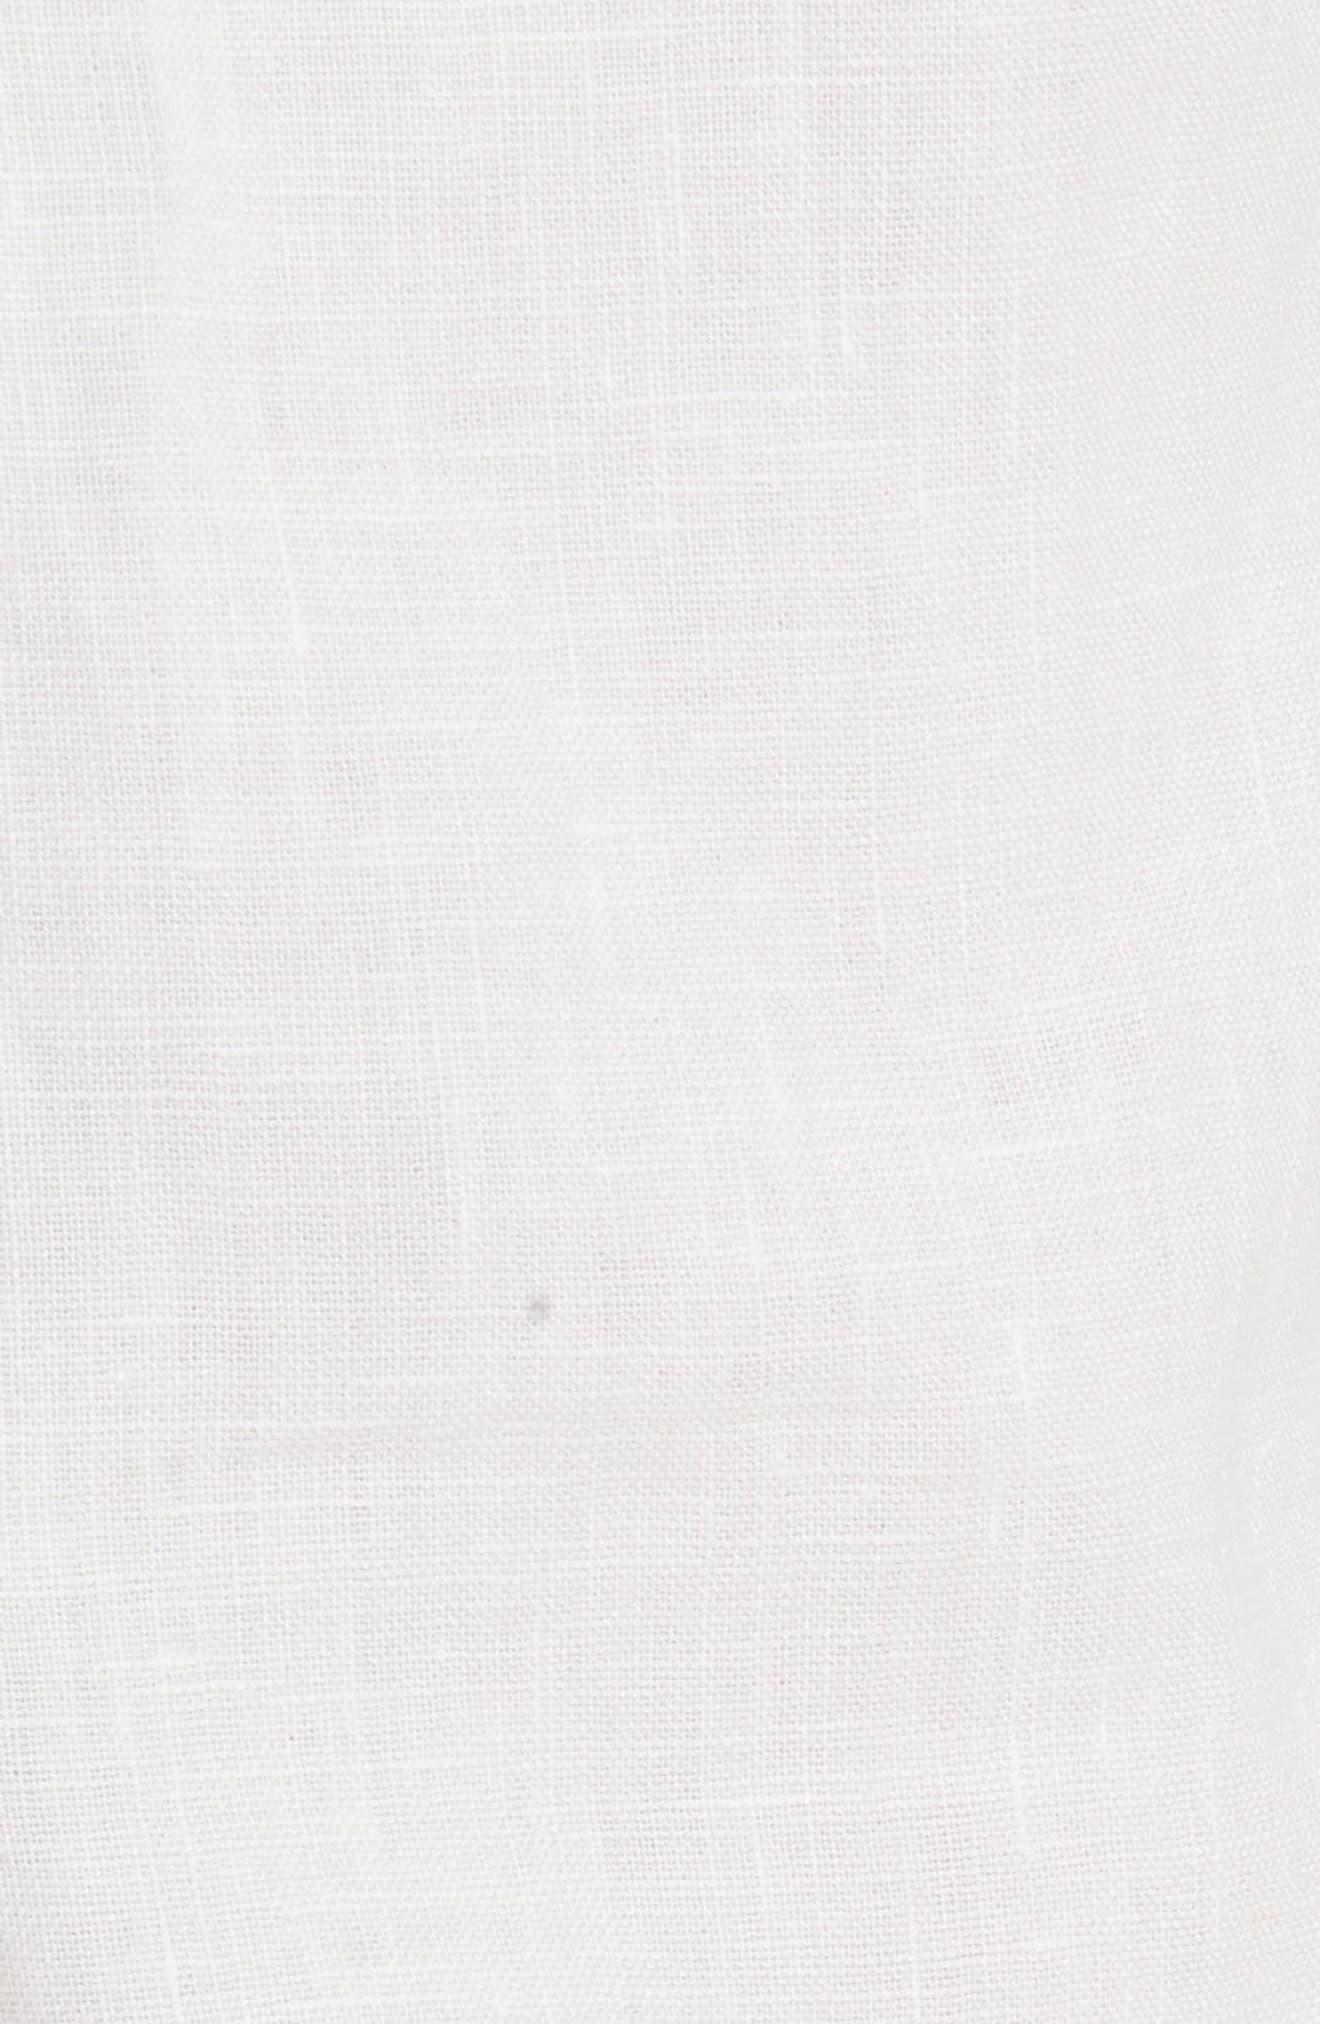 Florimel Crop Linen Jogger Pants,                             Alternate thumbnail 5, color,                             Porcelain